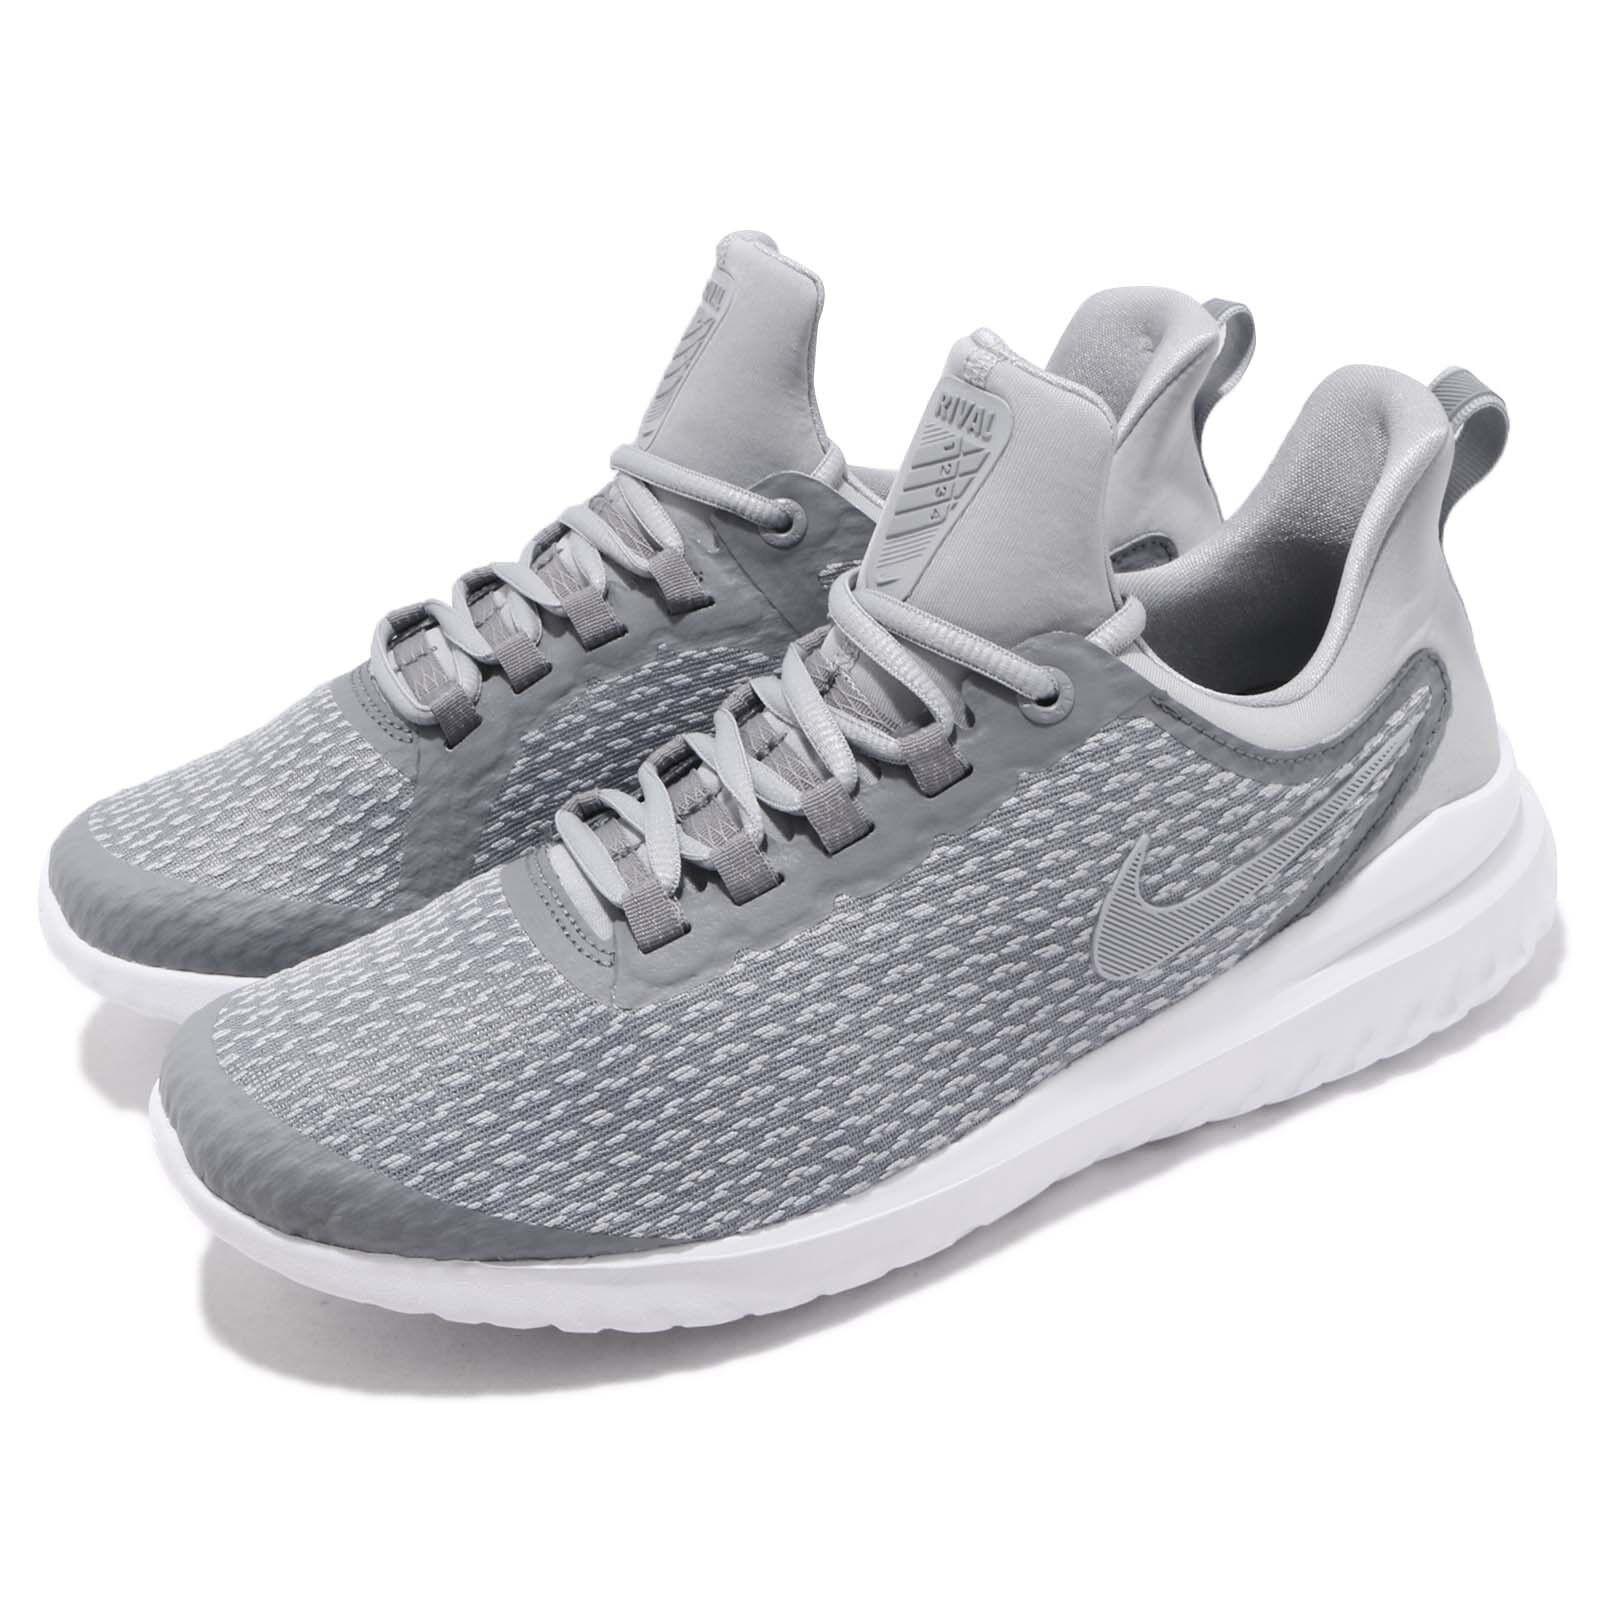 Nike renovar rival Sigilo Gris Blanco Hombres Zapatos Zapatos Hombres Tenis Informales Correr AA7400-006 97e35c